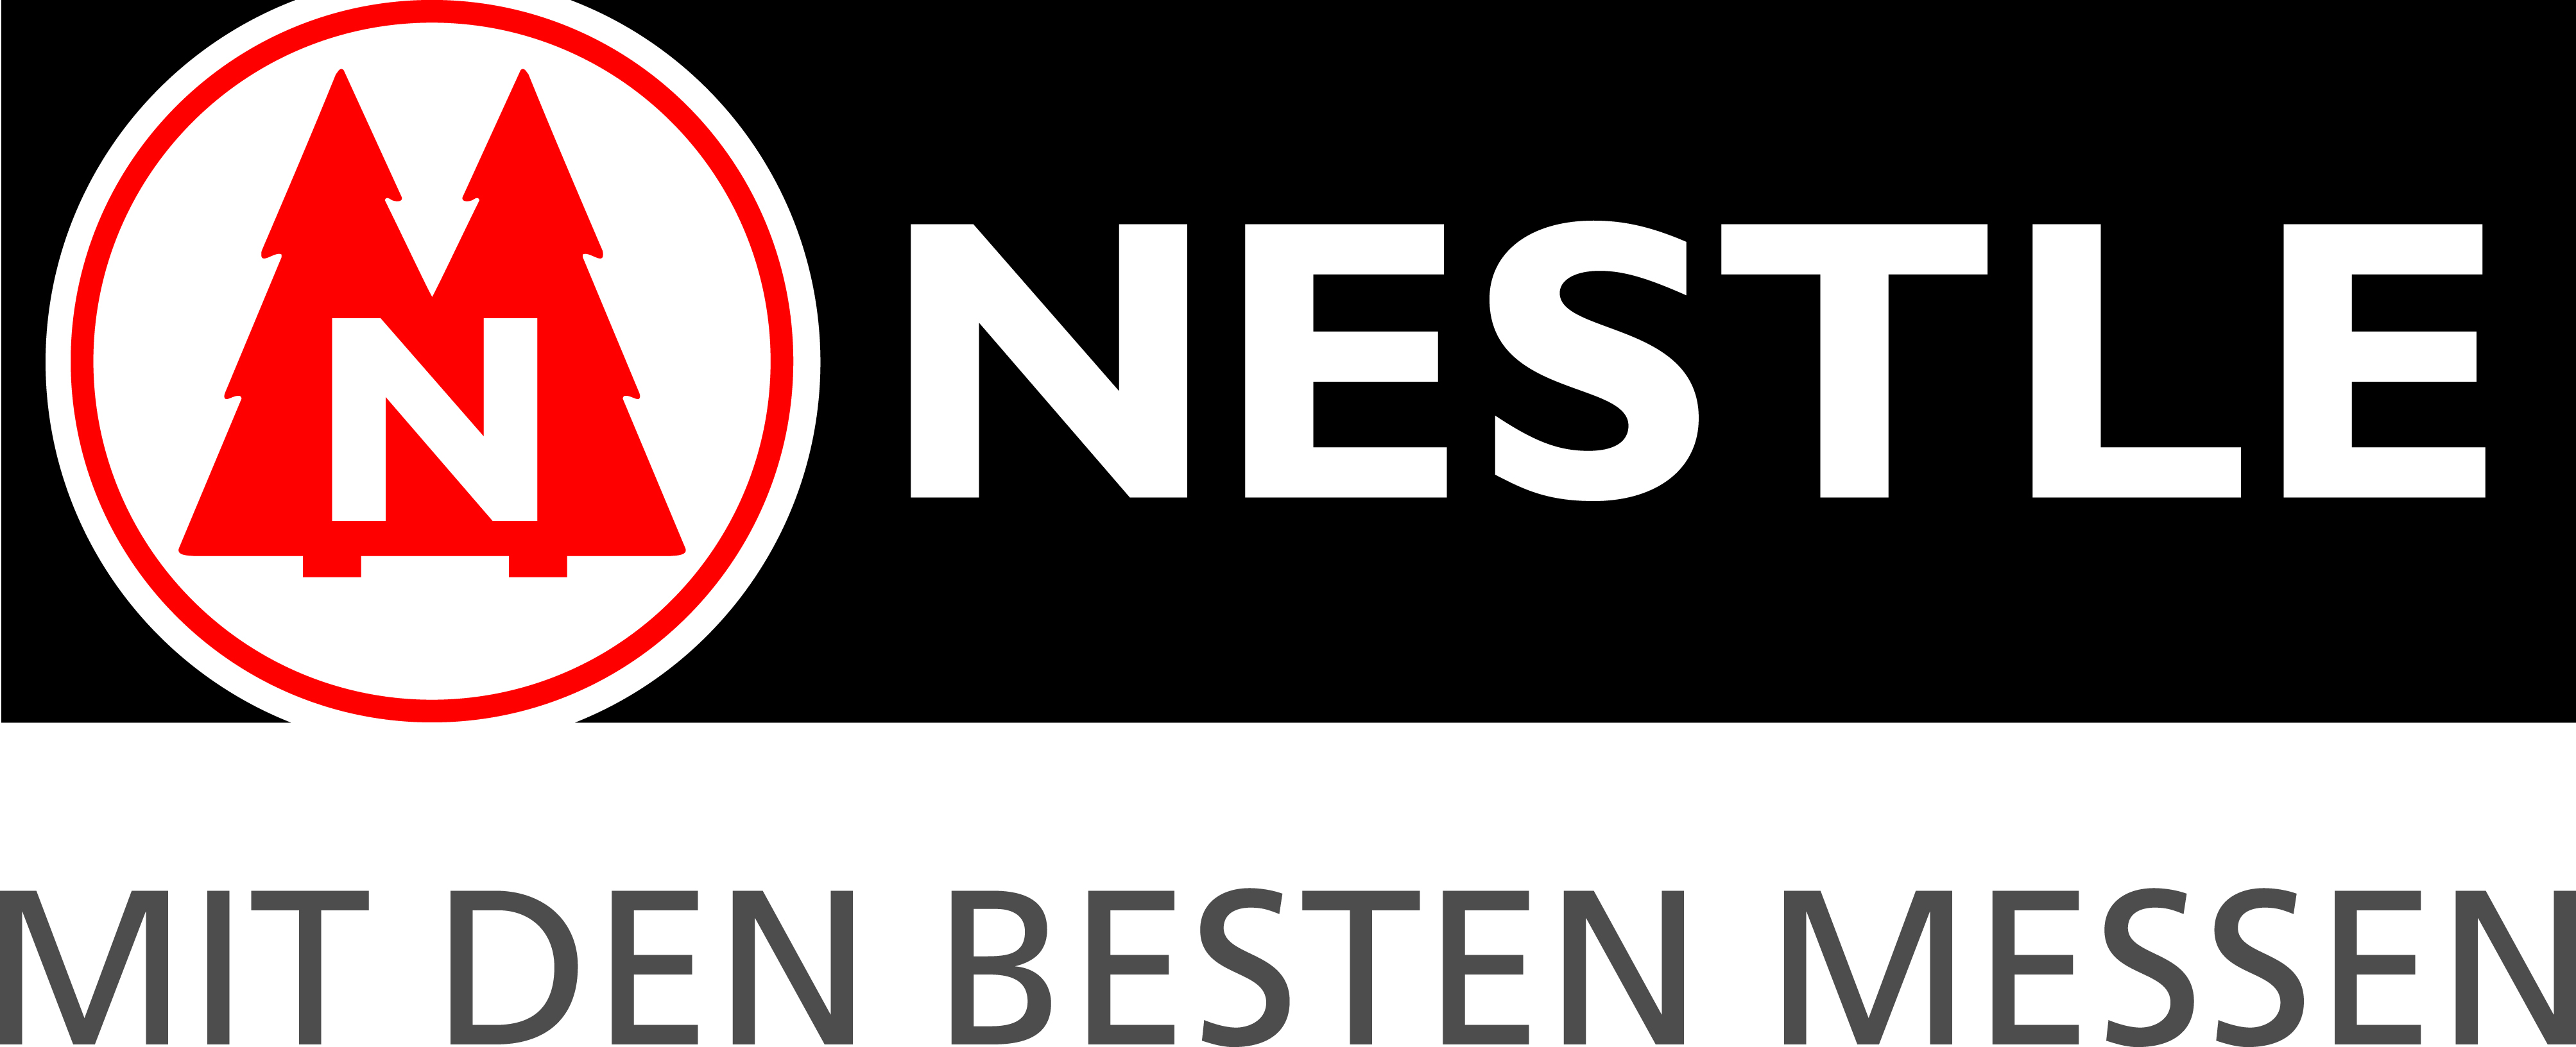 G. Nestle